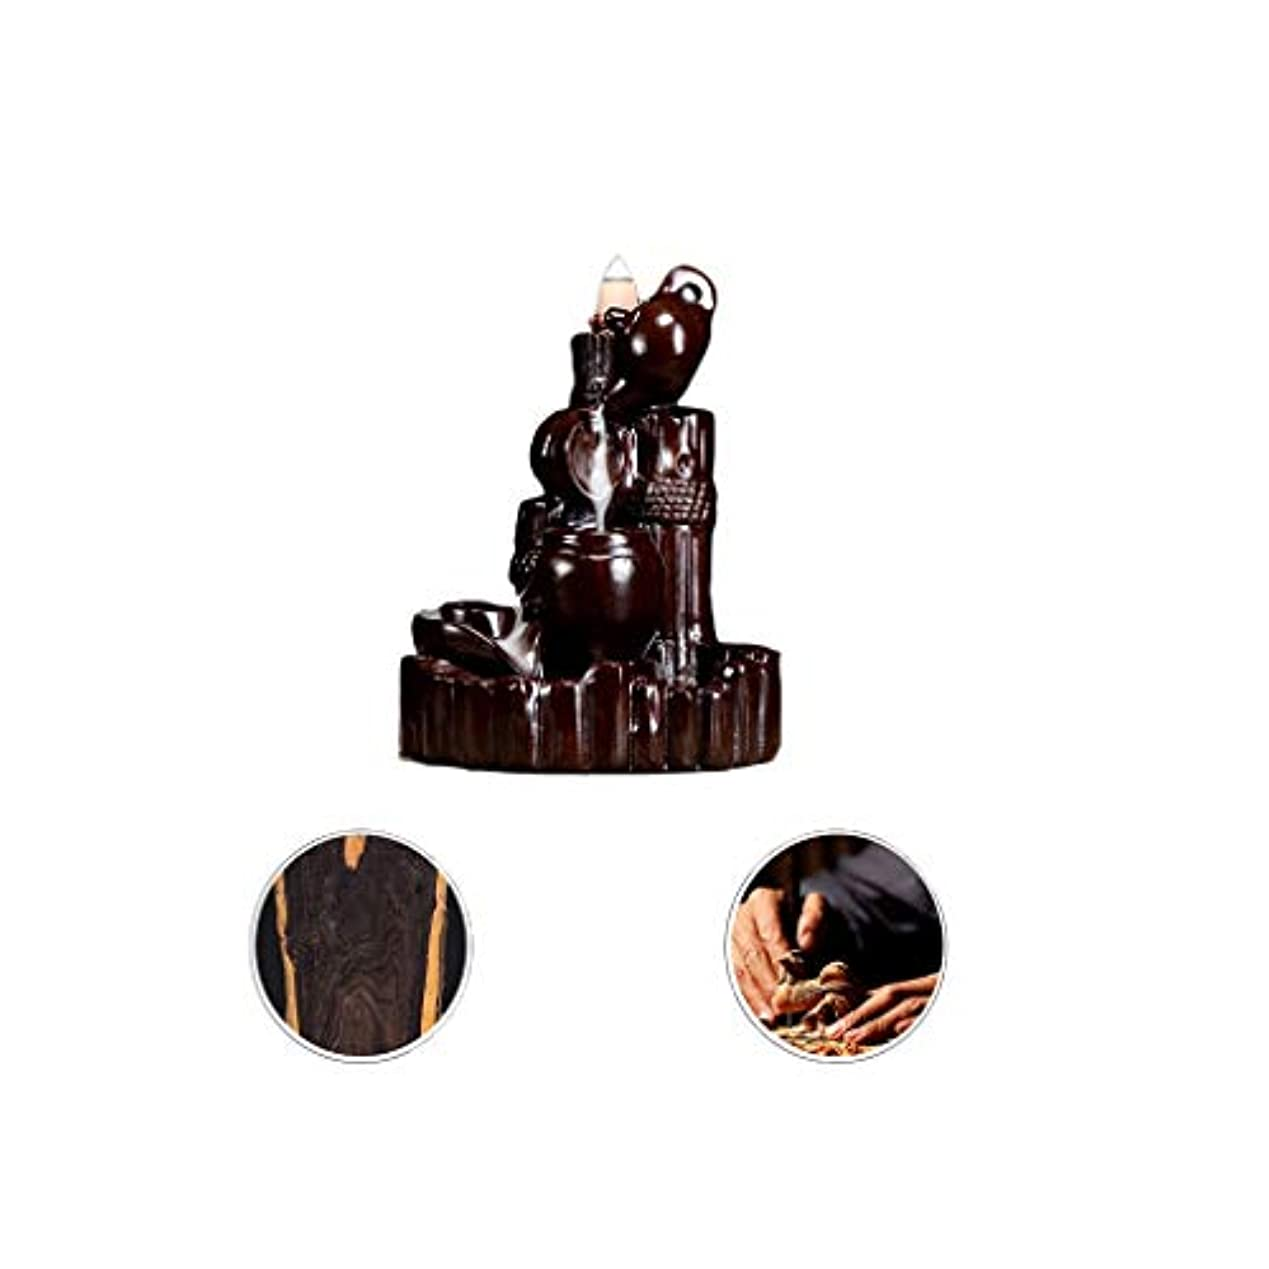 練る休眠白鳥芳香器?アロマバーナー 逆流香新古典香炉木製黒檀香バーナーアロマテラピー炉 芳香器?アロマバーナー (Color : Black and ebony)